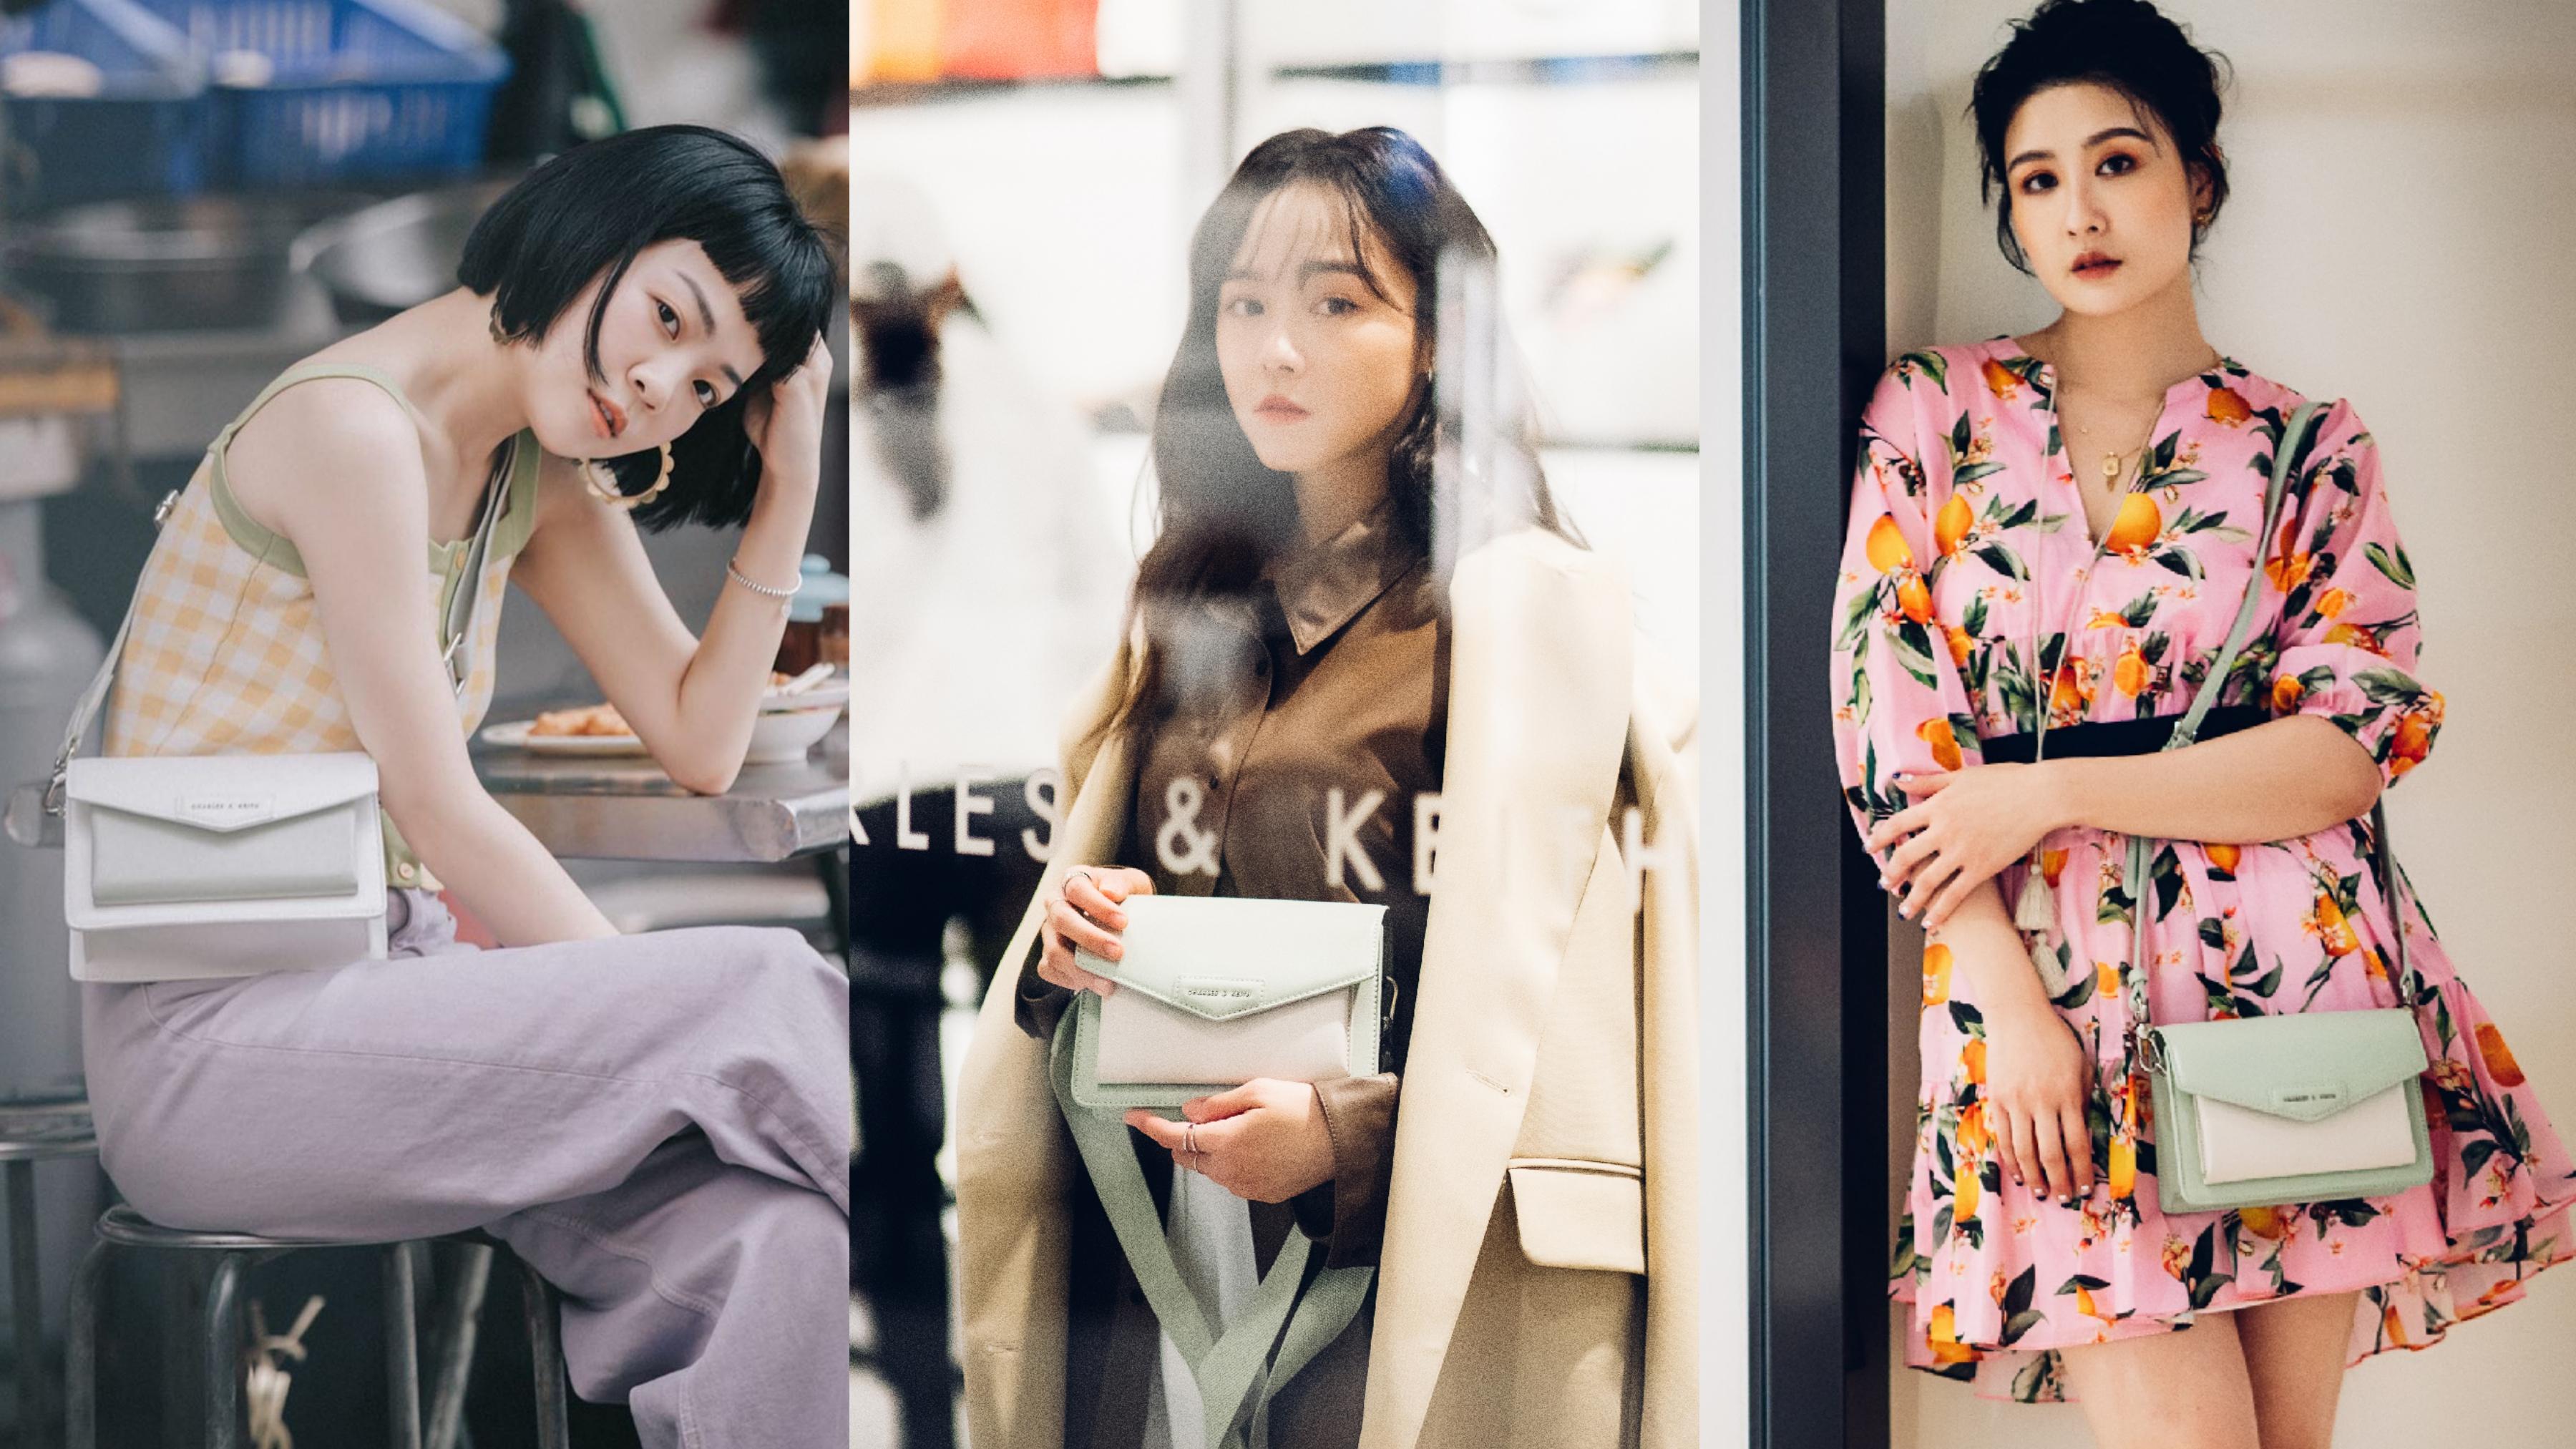 時尚達人陳艾熙、Meg、Mika紛紛背上此包款,演繹出風格獨具的造型